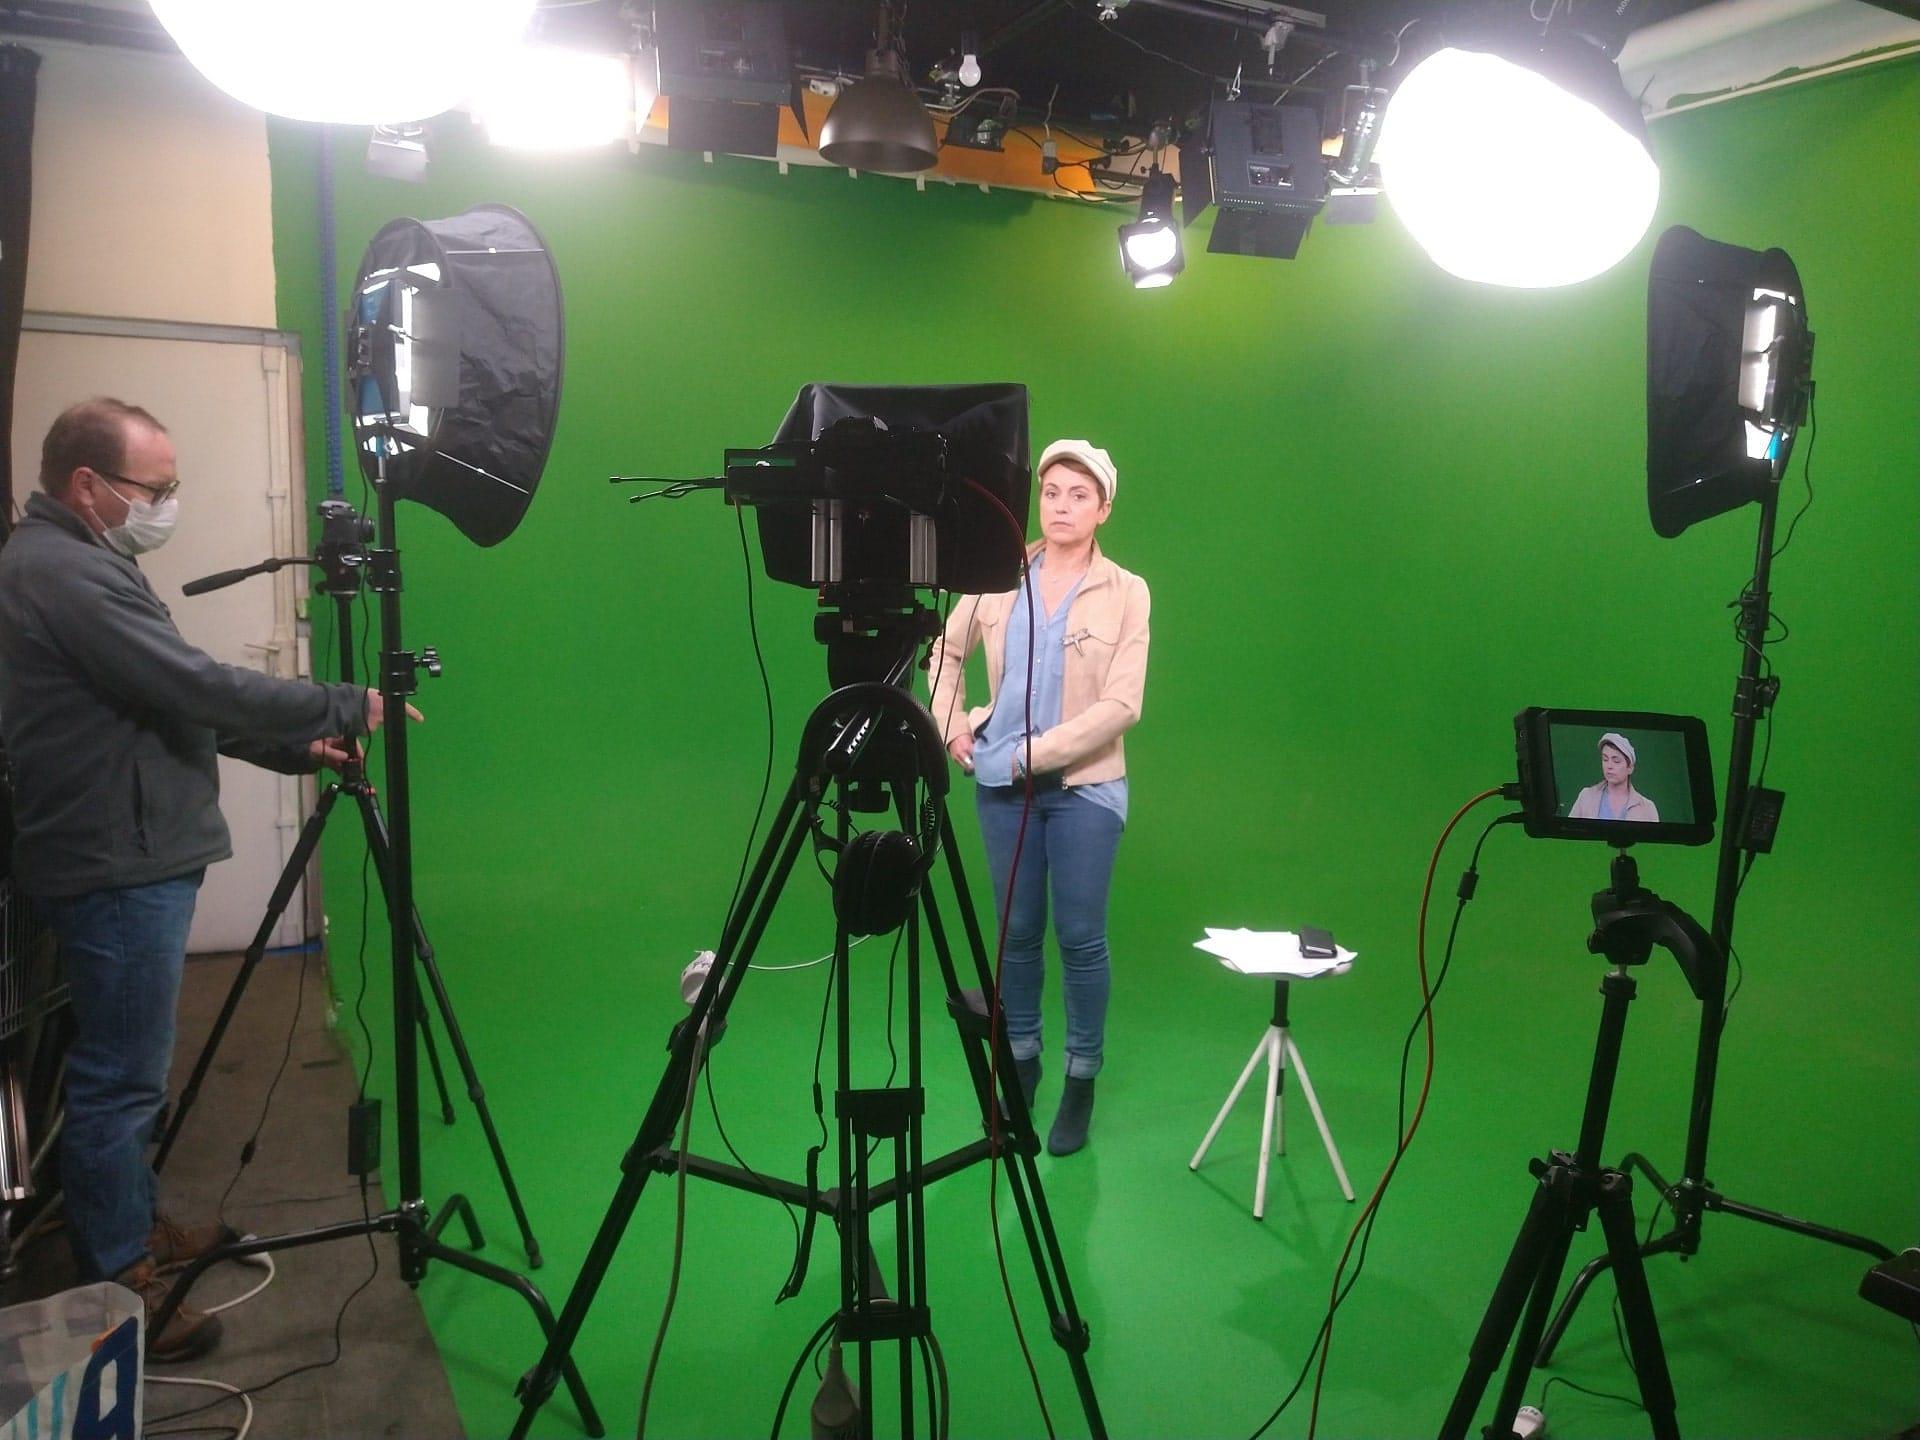 production audiovisuelle,vidéo d'entreprise paris. location plateau de tournage,vidéo fond vert pas cher